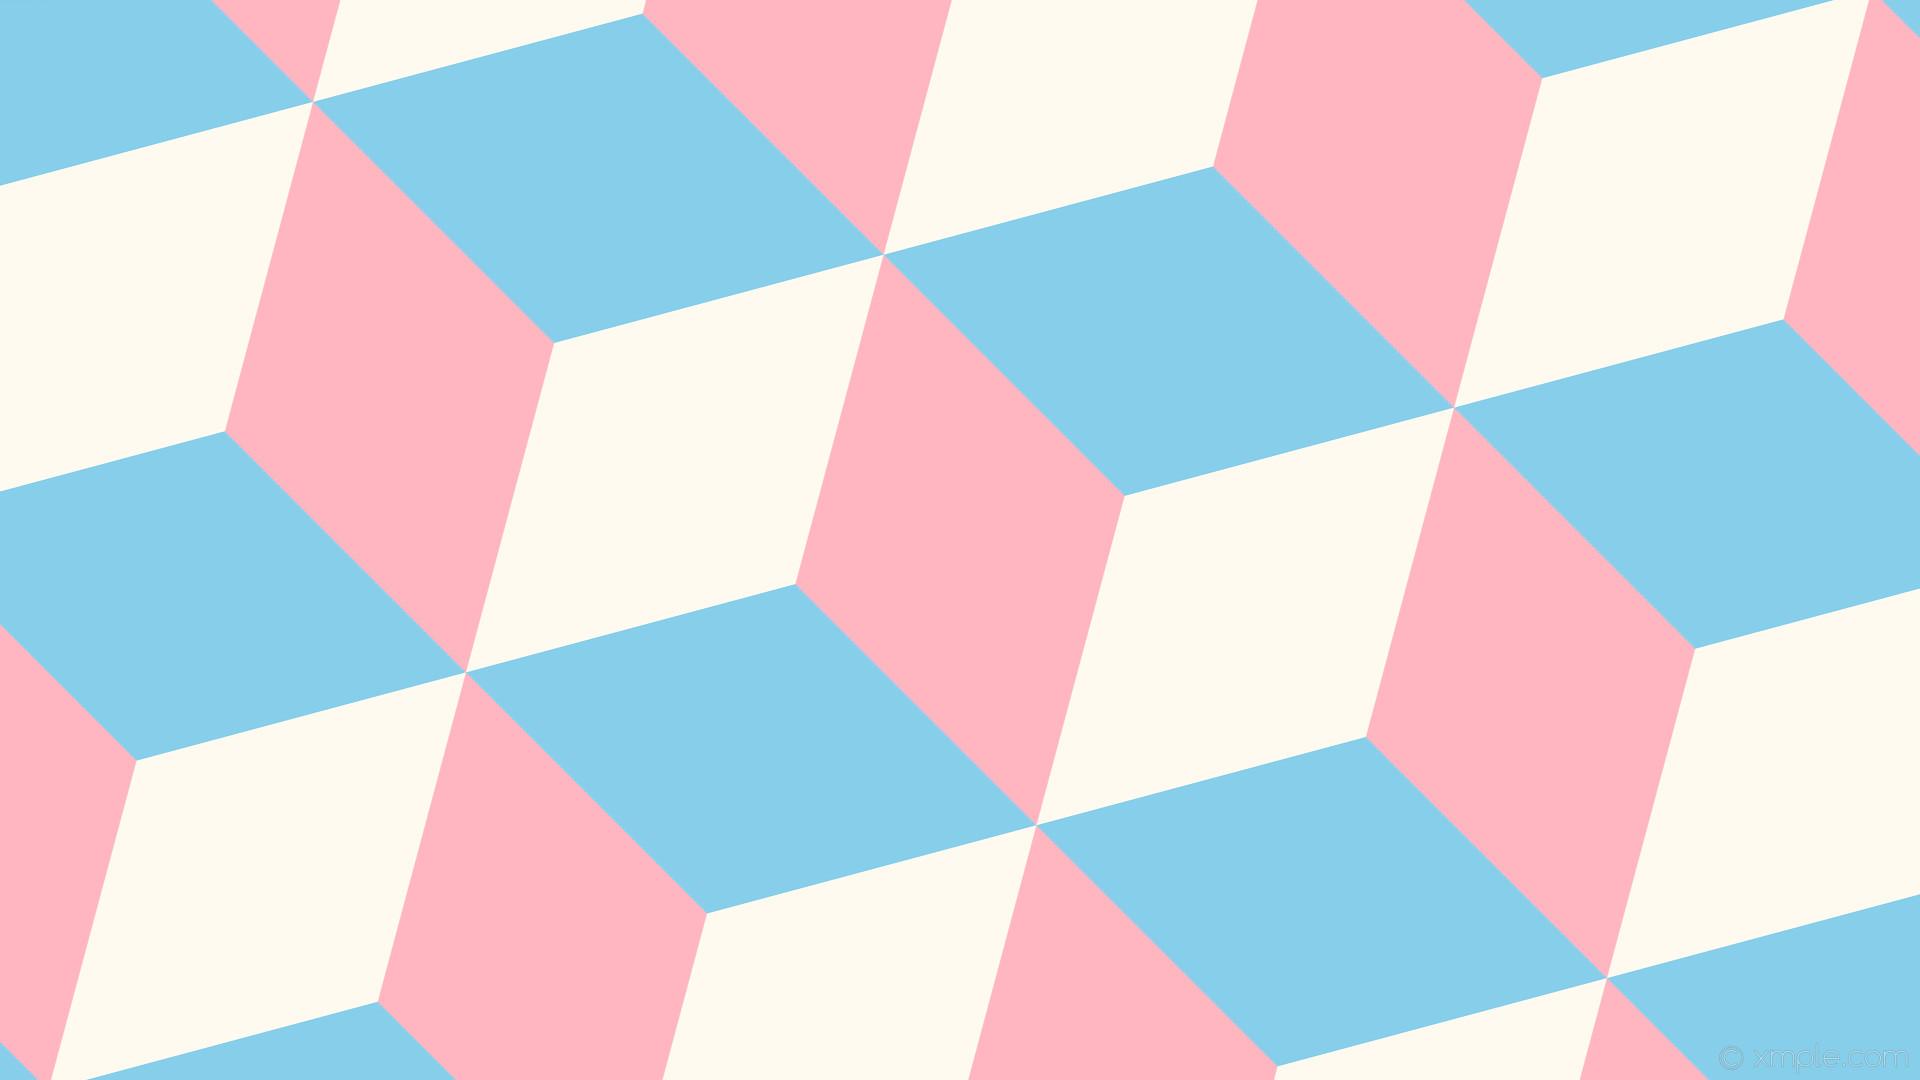 wallpaper 3d cubes white blue pink light pink floral white sky blue #ffb6c1  #fffaf0